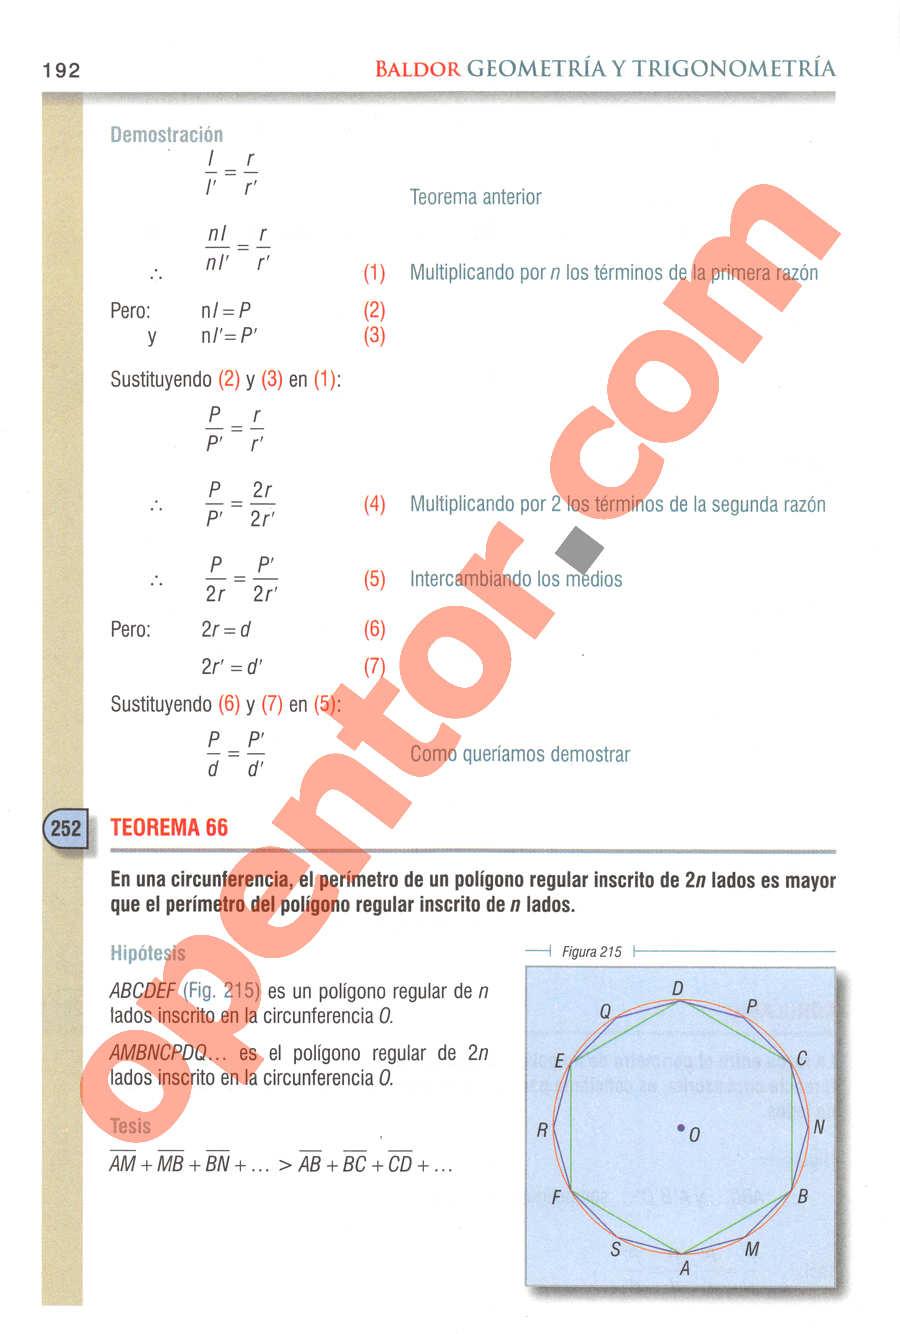 Geometría y Trigonometría de Baldor - Página 192